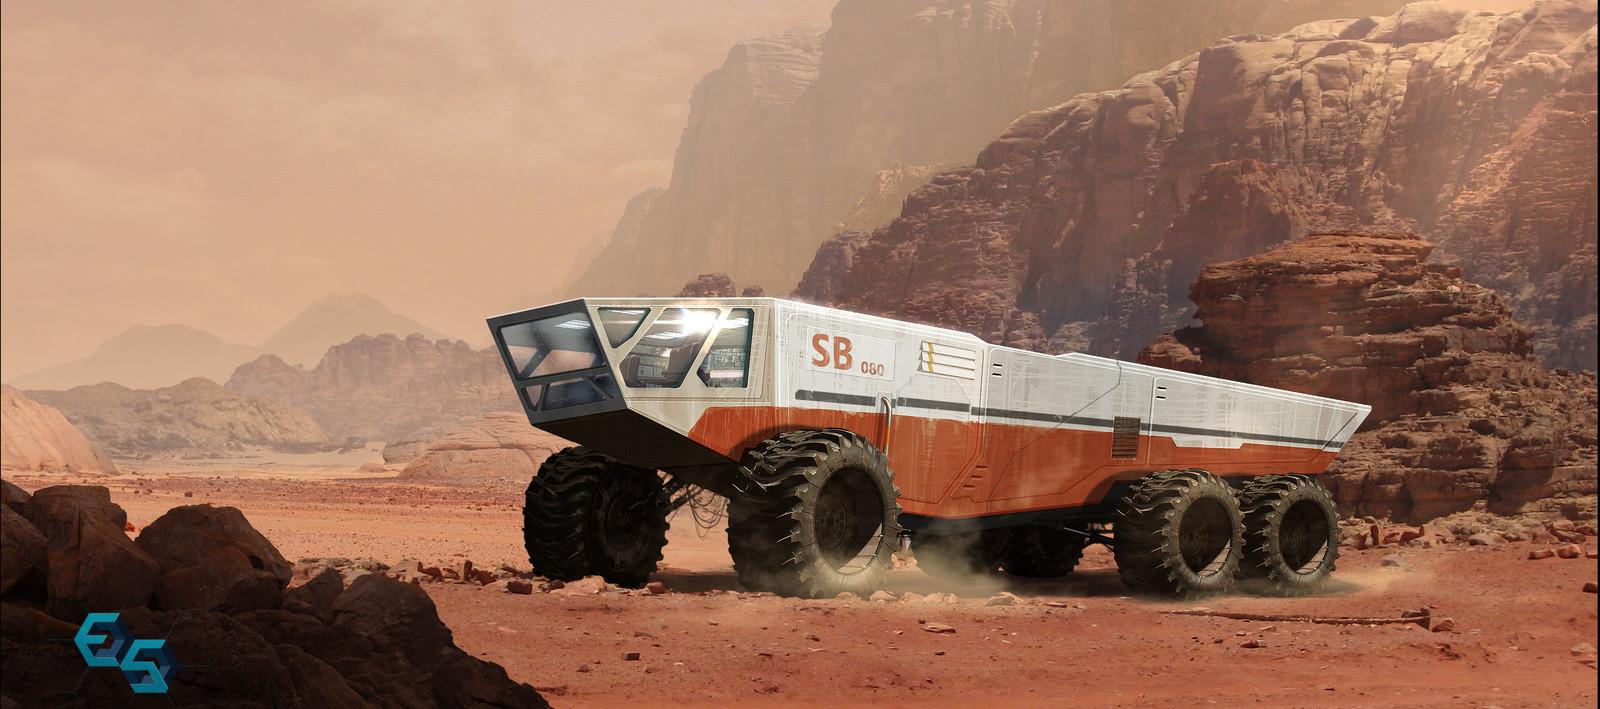 Mars Transport